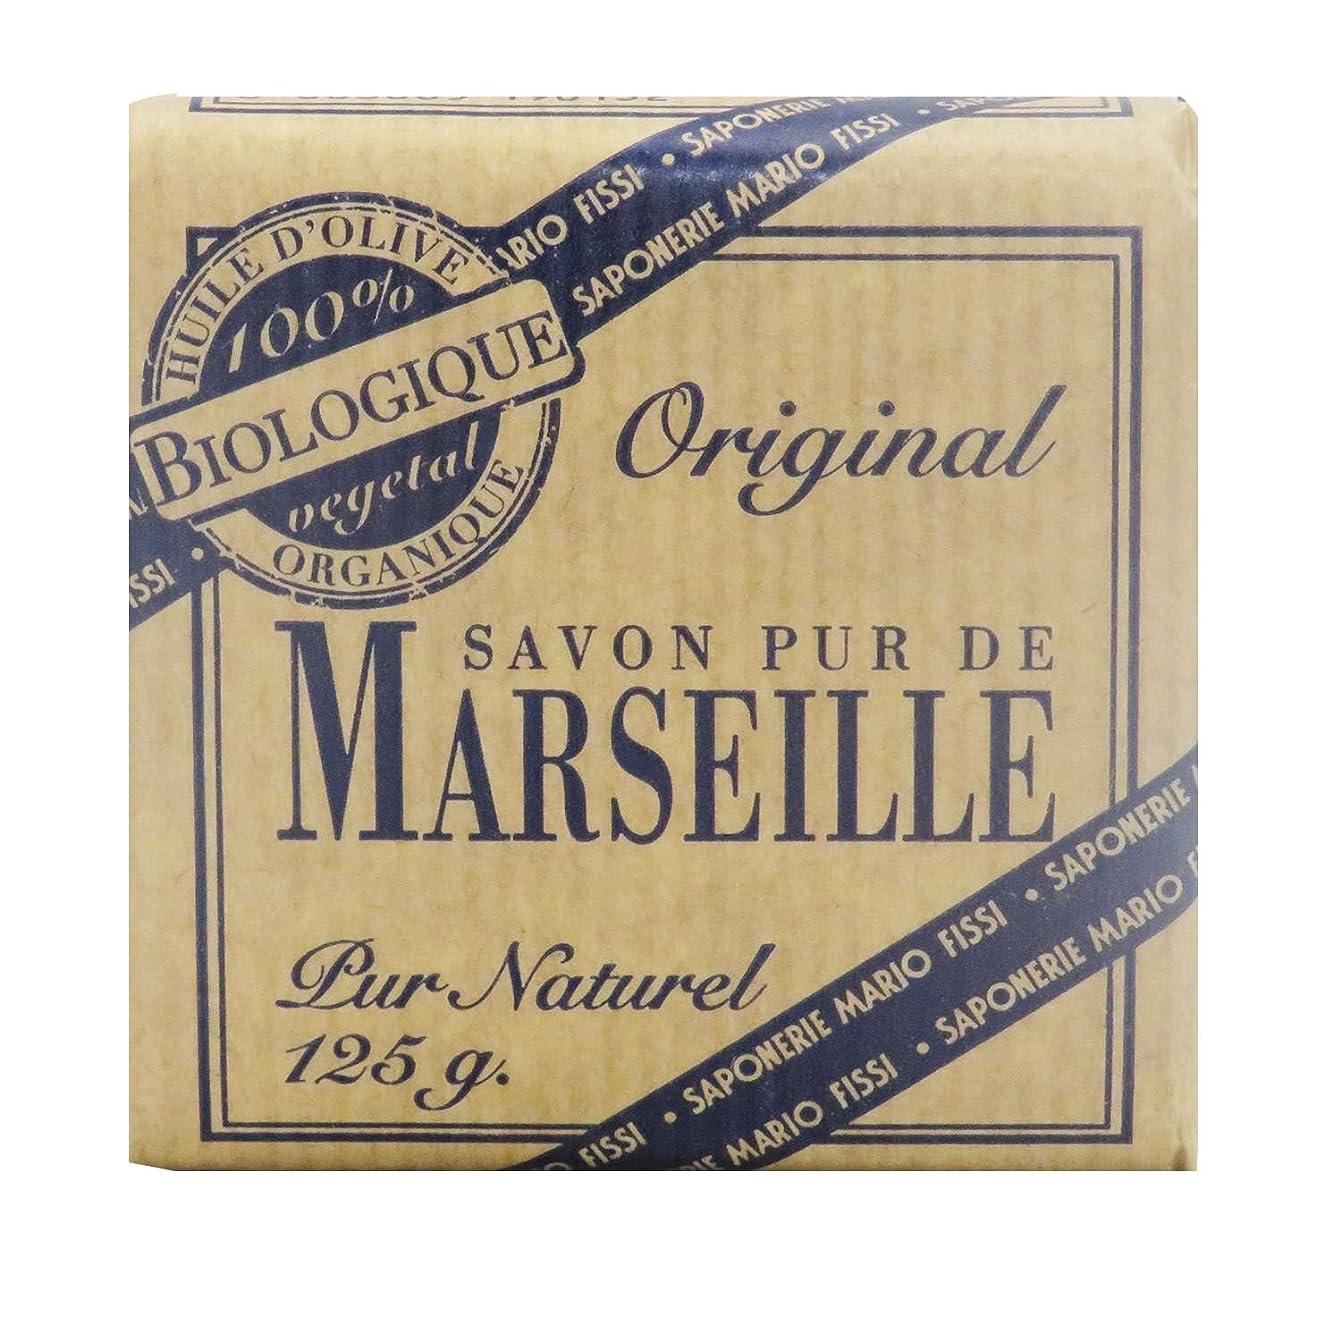 百万増強睡眠Saponerire Fissi マルセイユシリーズ マルセイユソープ 125g Original オリジナル